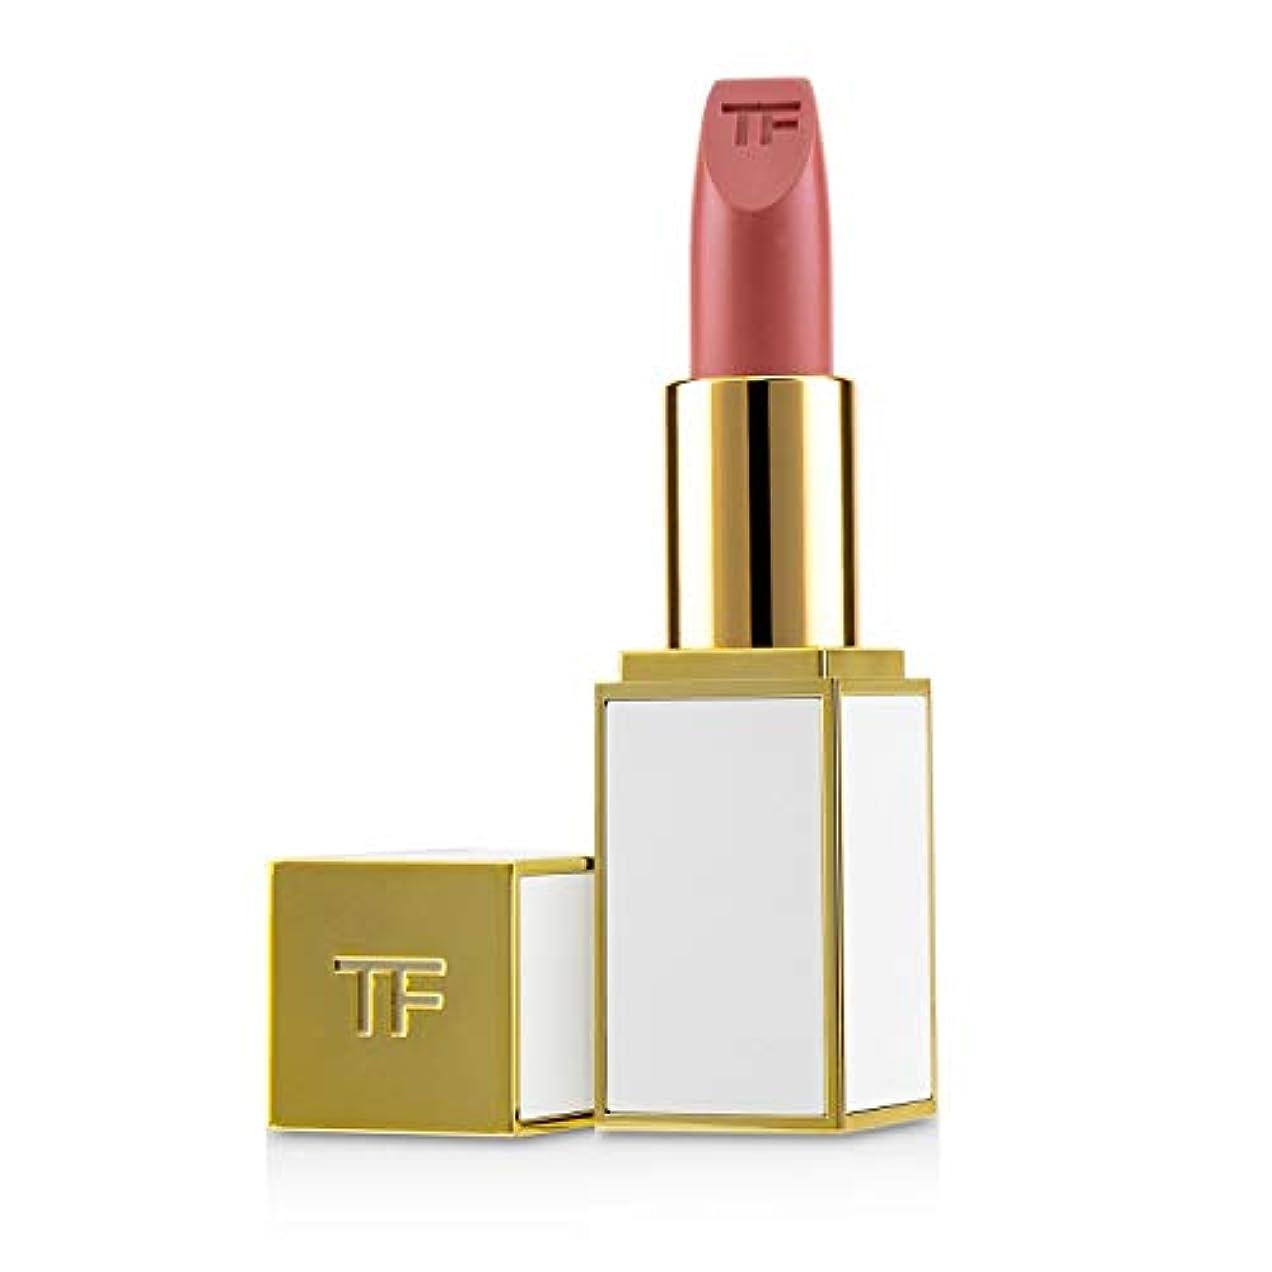 自己尊重失敗メニュートム フォード Lip Color Sheer - # 09 Nudiste 3g/0.1oz並行輸入品